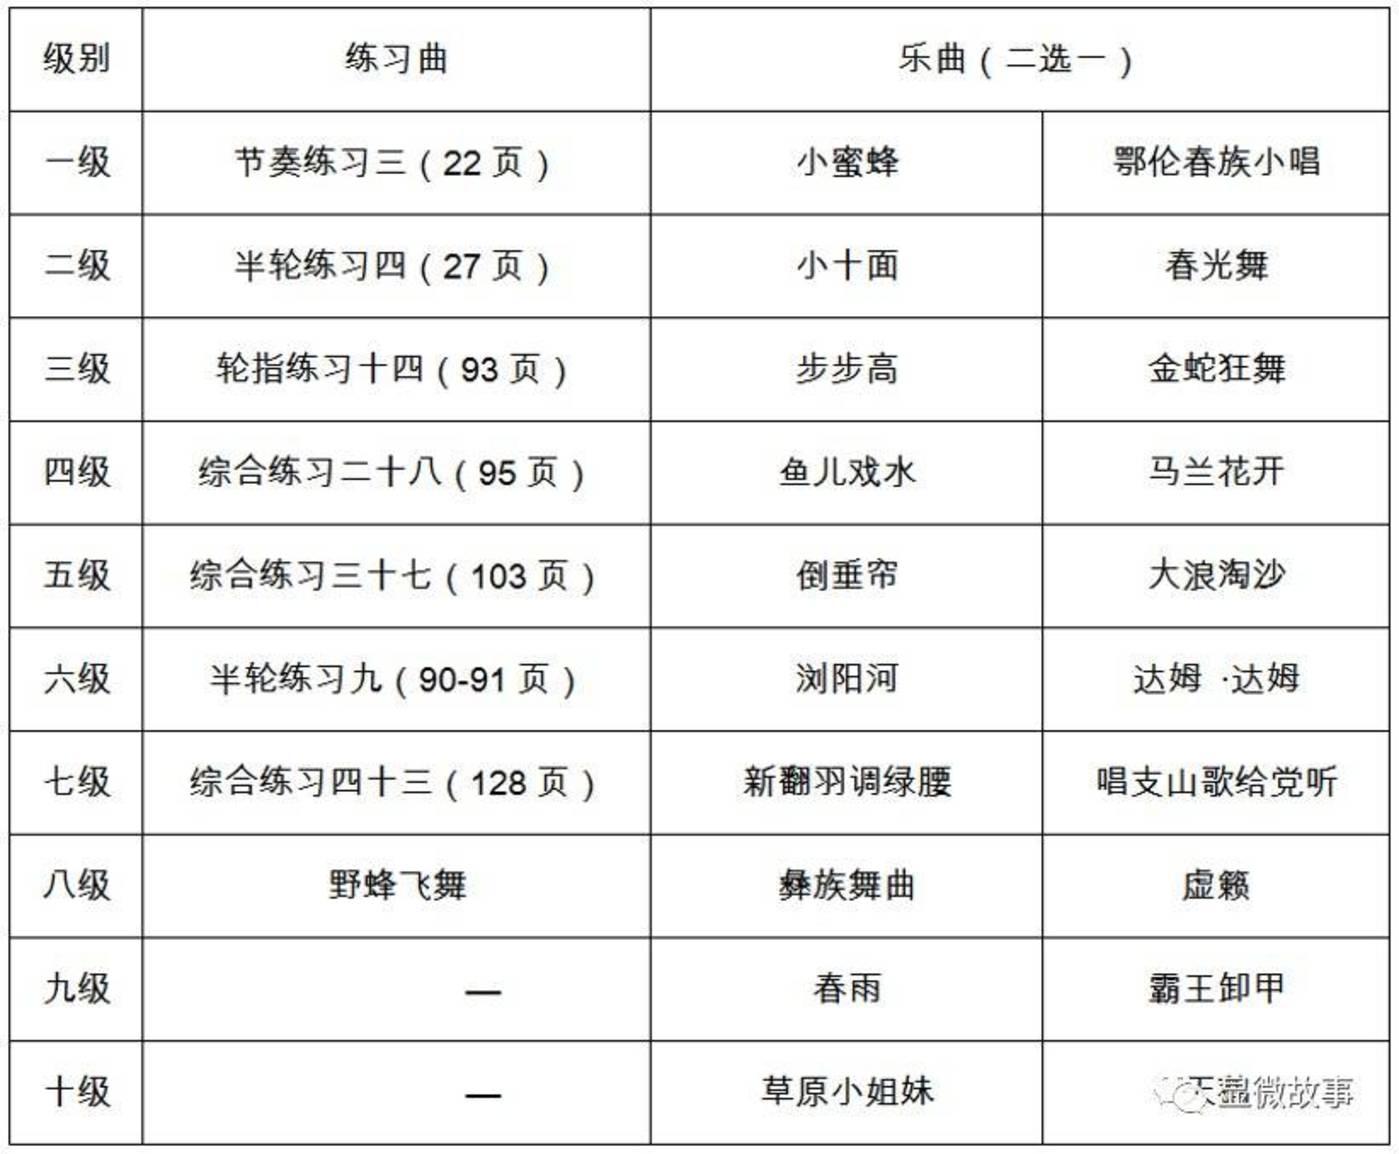 ▲琵琶考级曲谱节选